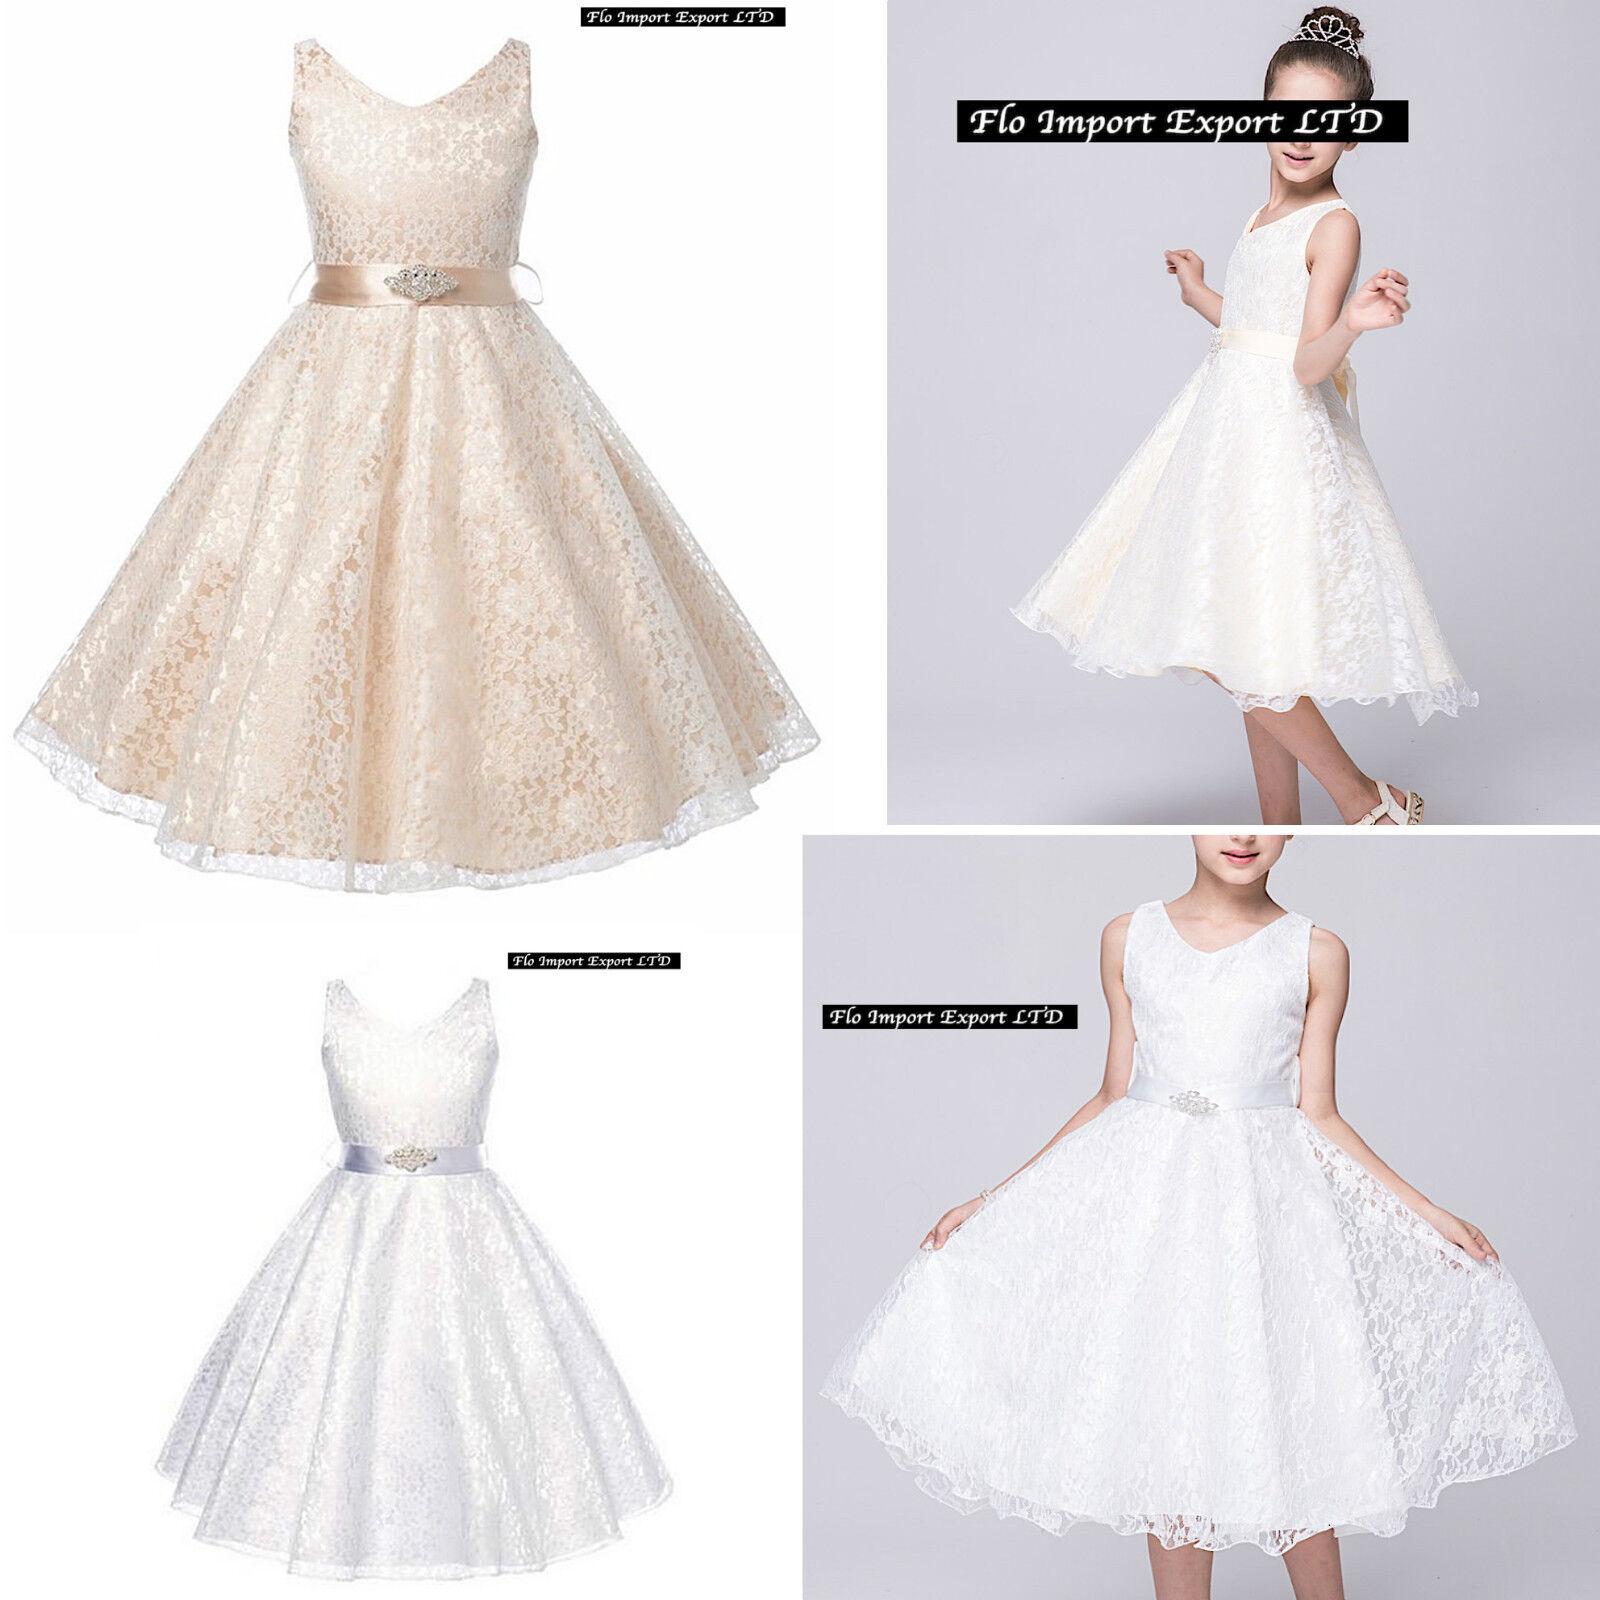 https   www.ebay.it itm Vestito-Bambina-Abito-Cerimonia-Pizzo-Elegante-Girl- Party-Princess-Dress-CDR057- 222440054120  c897ef5f32e